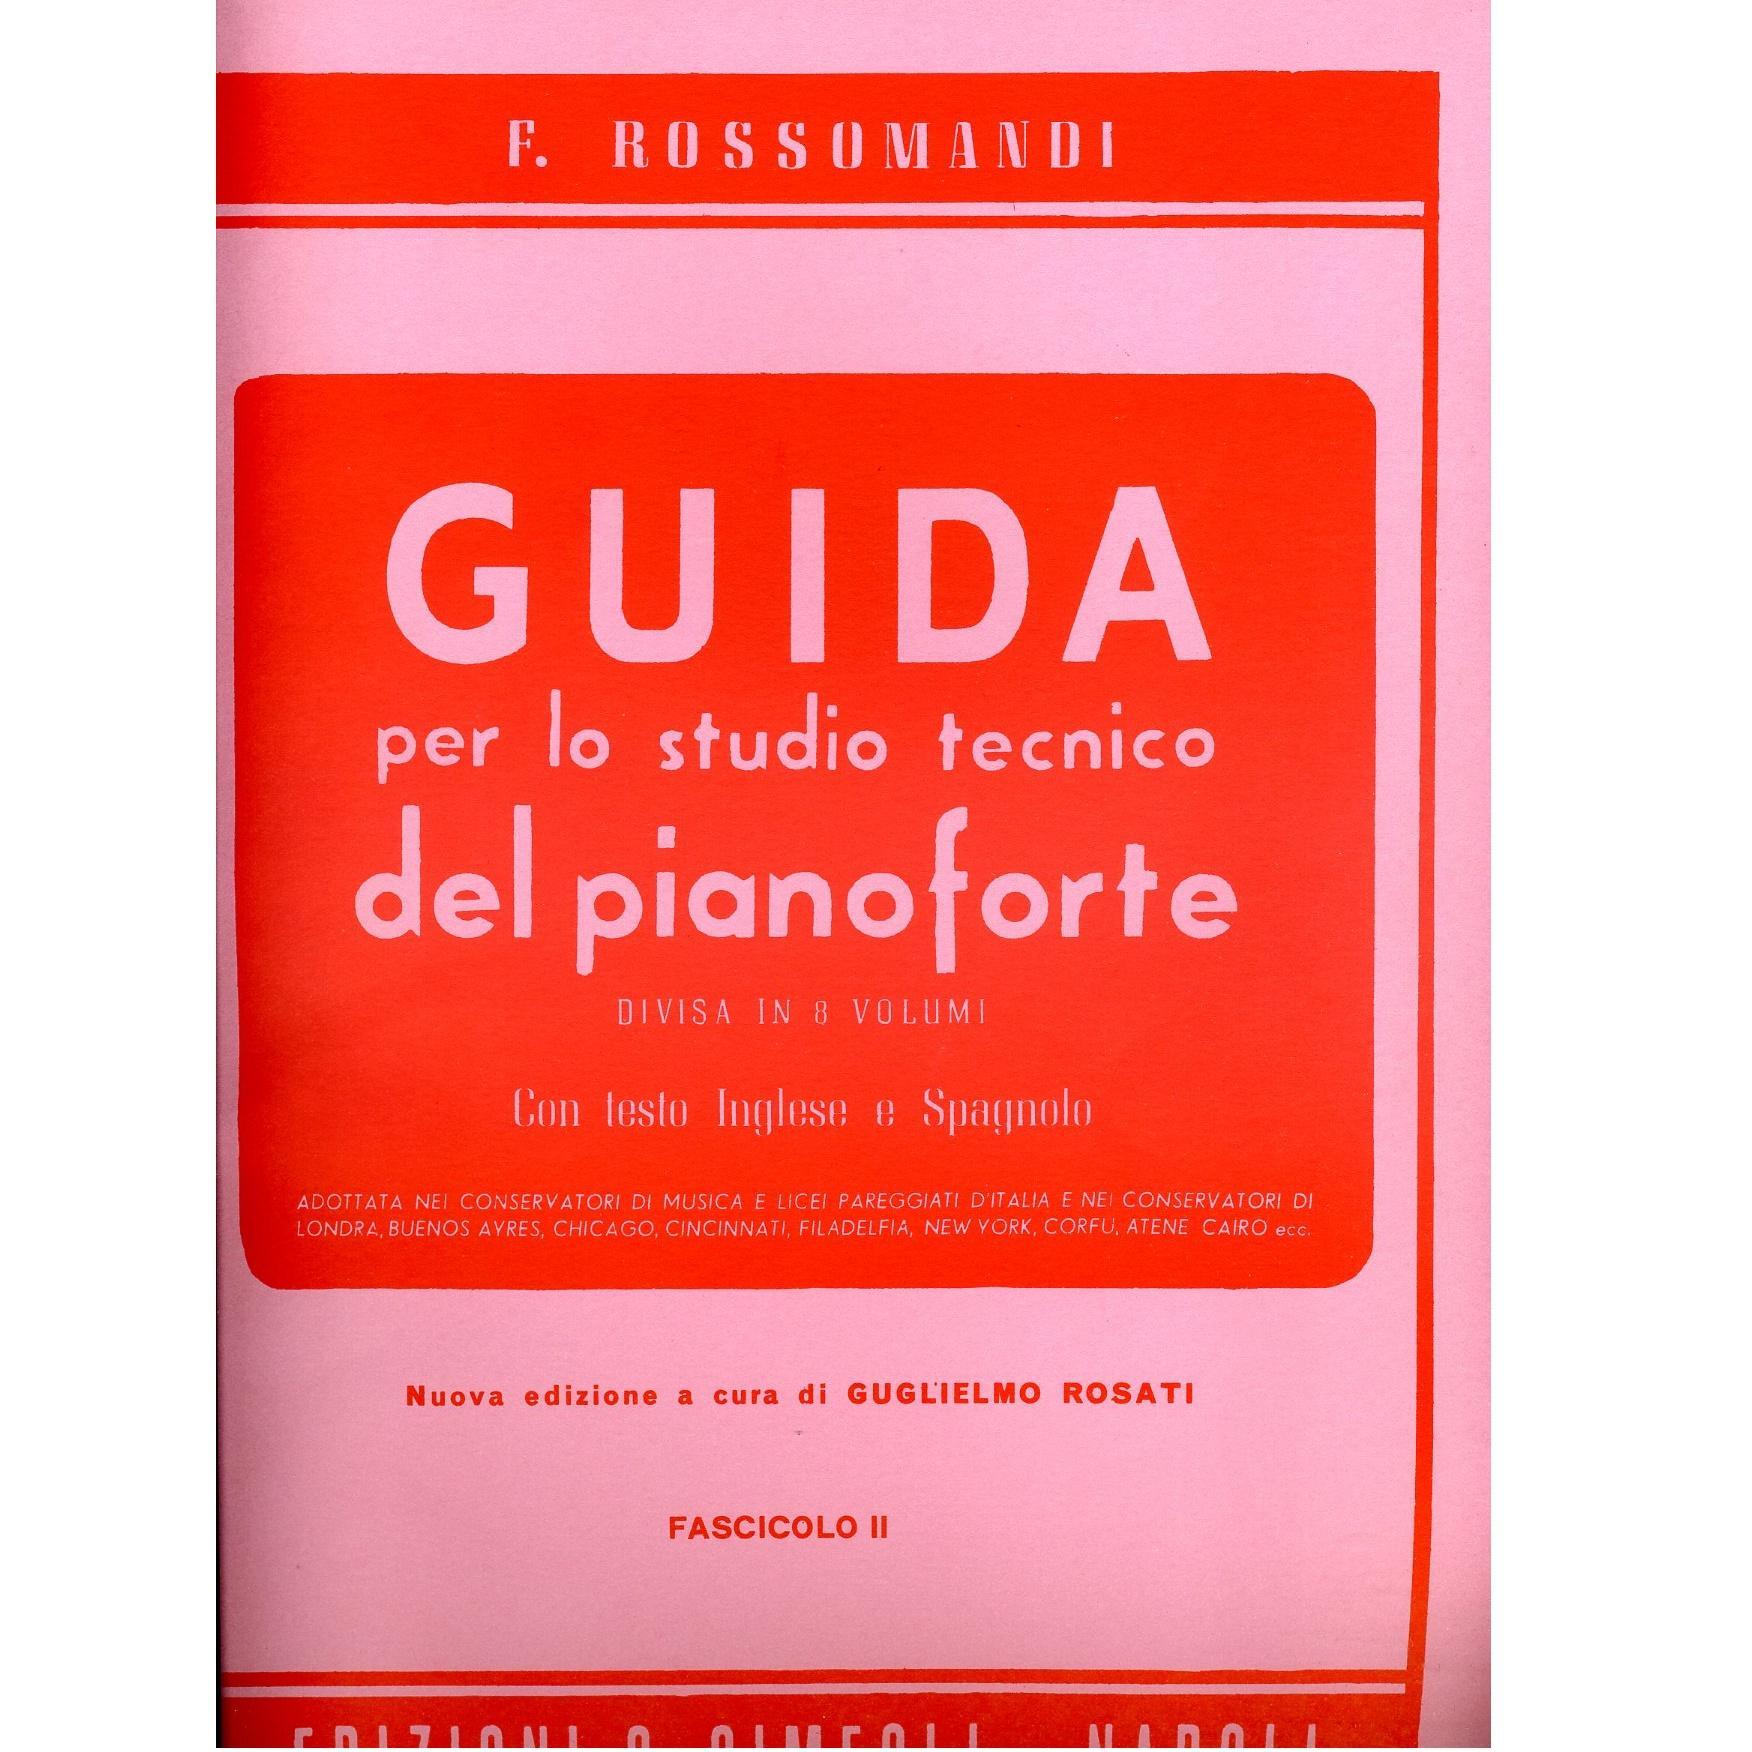 EDIZIONI S. SIMEOLI GUIDA PER LO STUDIO TECNICO DEL PIANOFORTE Fascicolo II - ROSSOMANDI